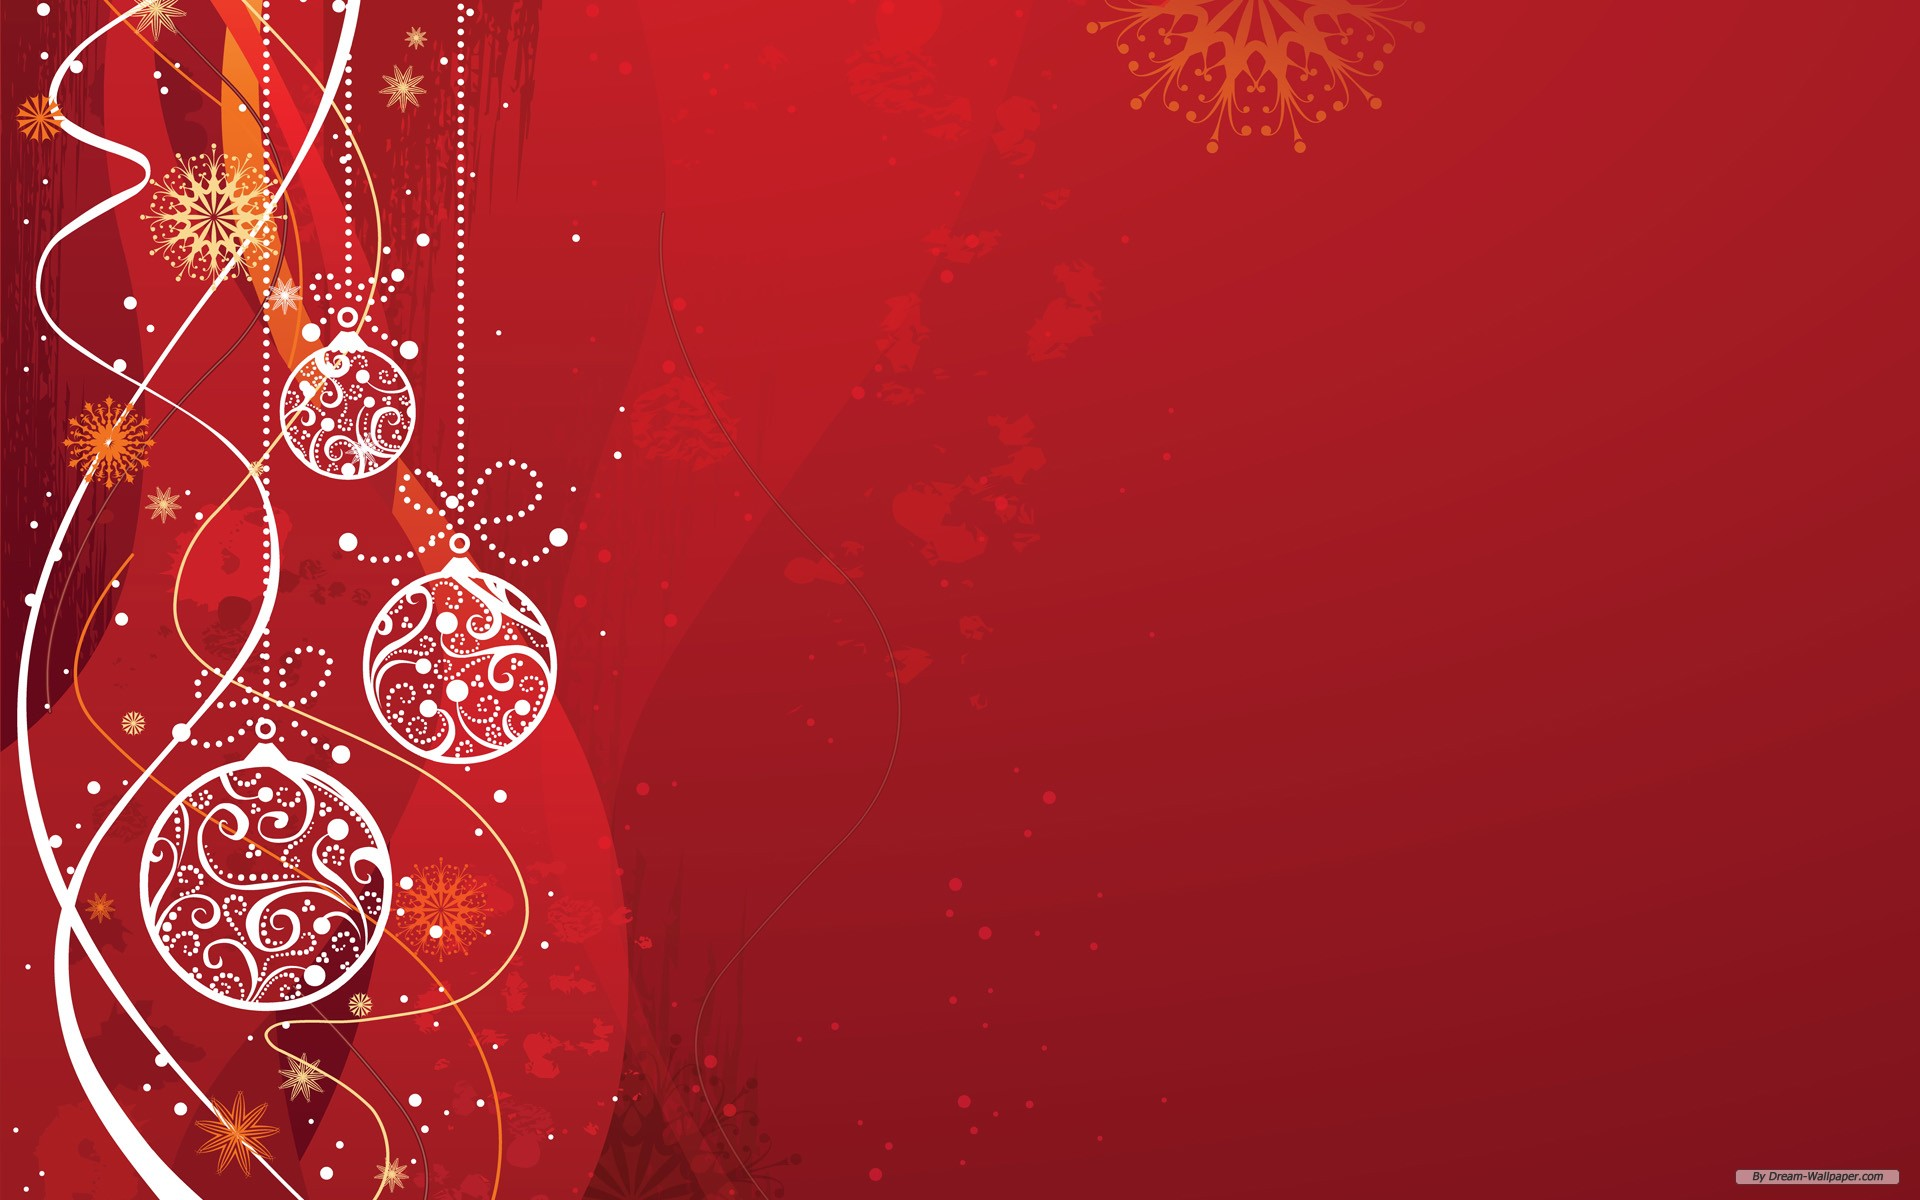 Christmas Themes myideasbedroomcom 1920x1200